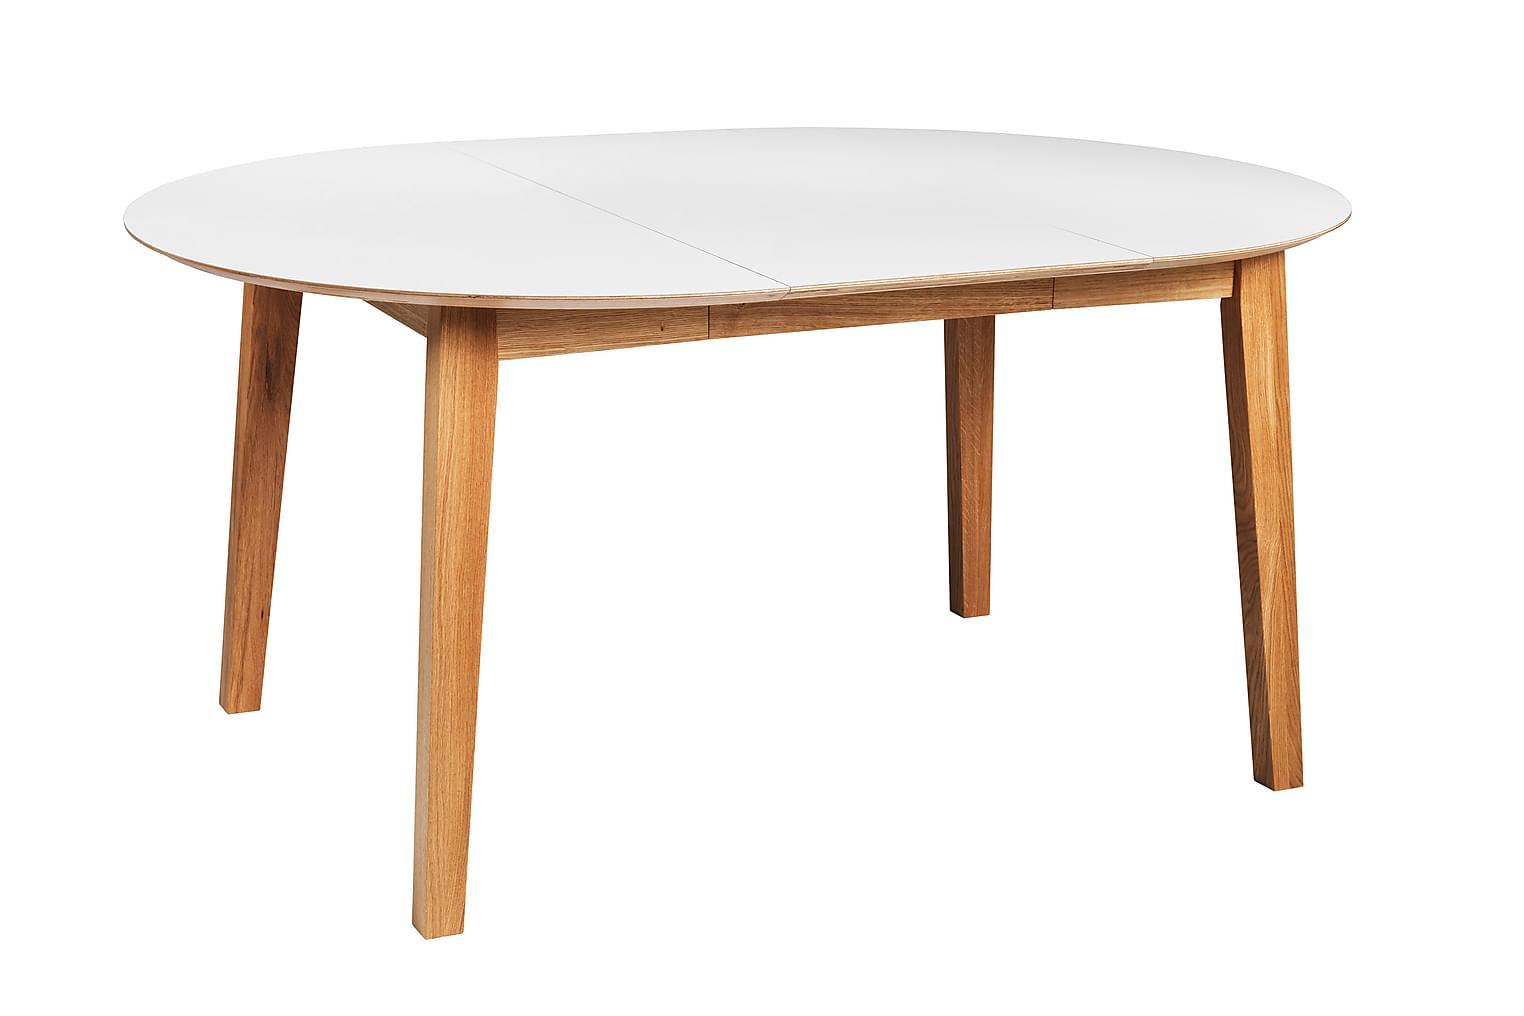 FOMU Jatkettava Pöytä 110 Valkoinen/Tammi